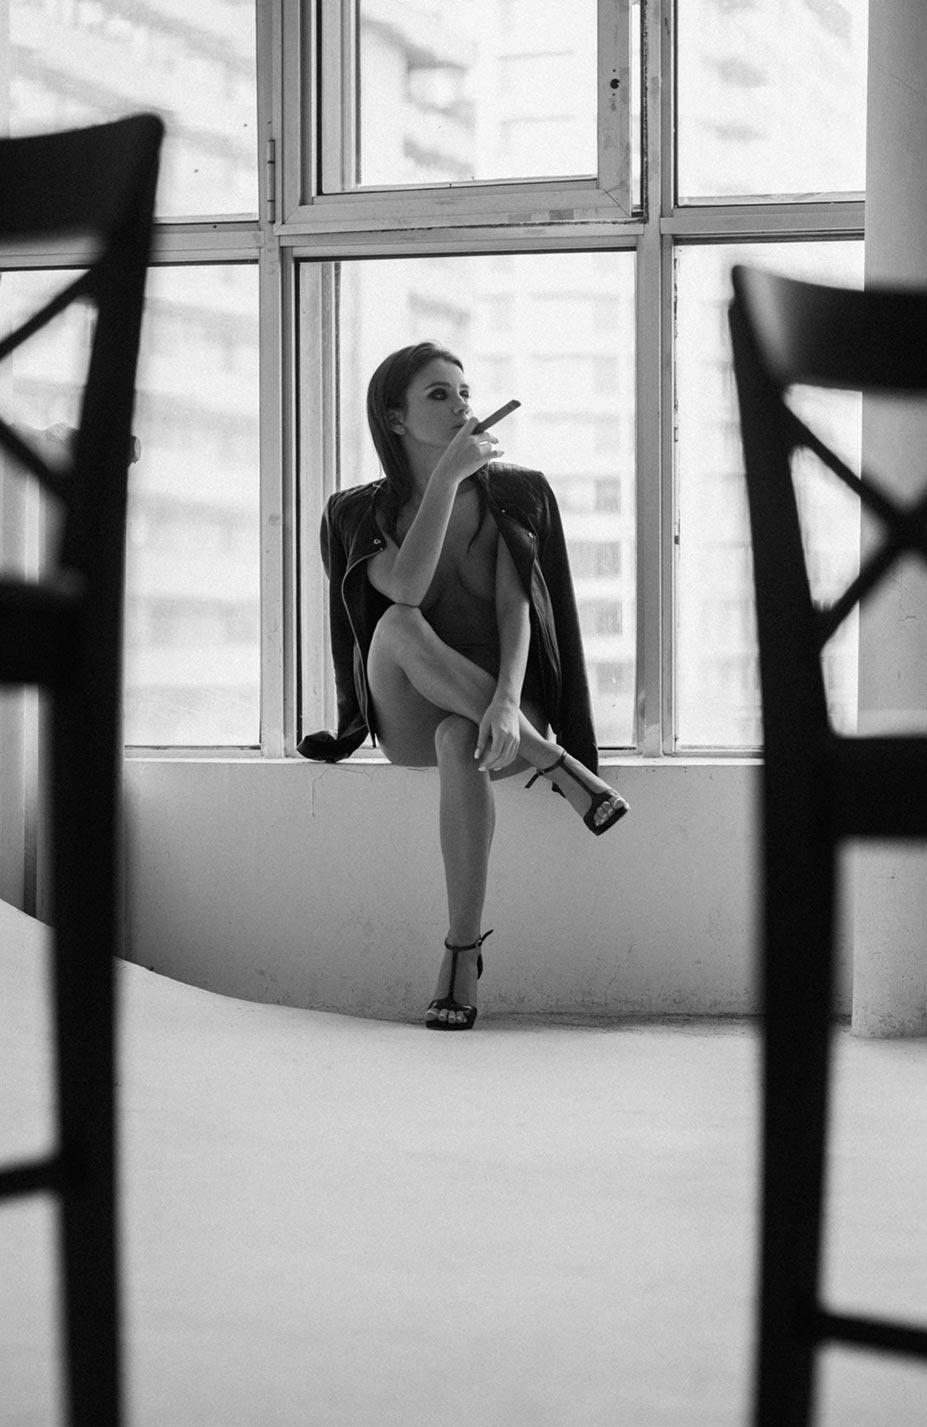 Кристина Макарова экспериментирует со стремянкой / фото 10